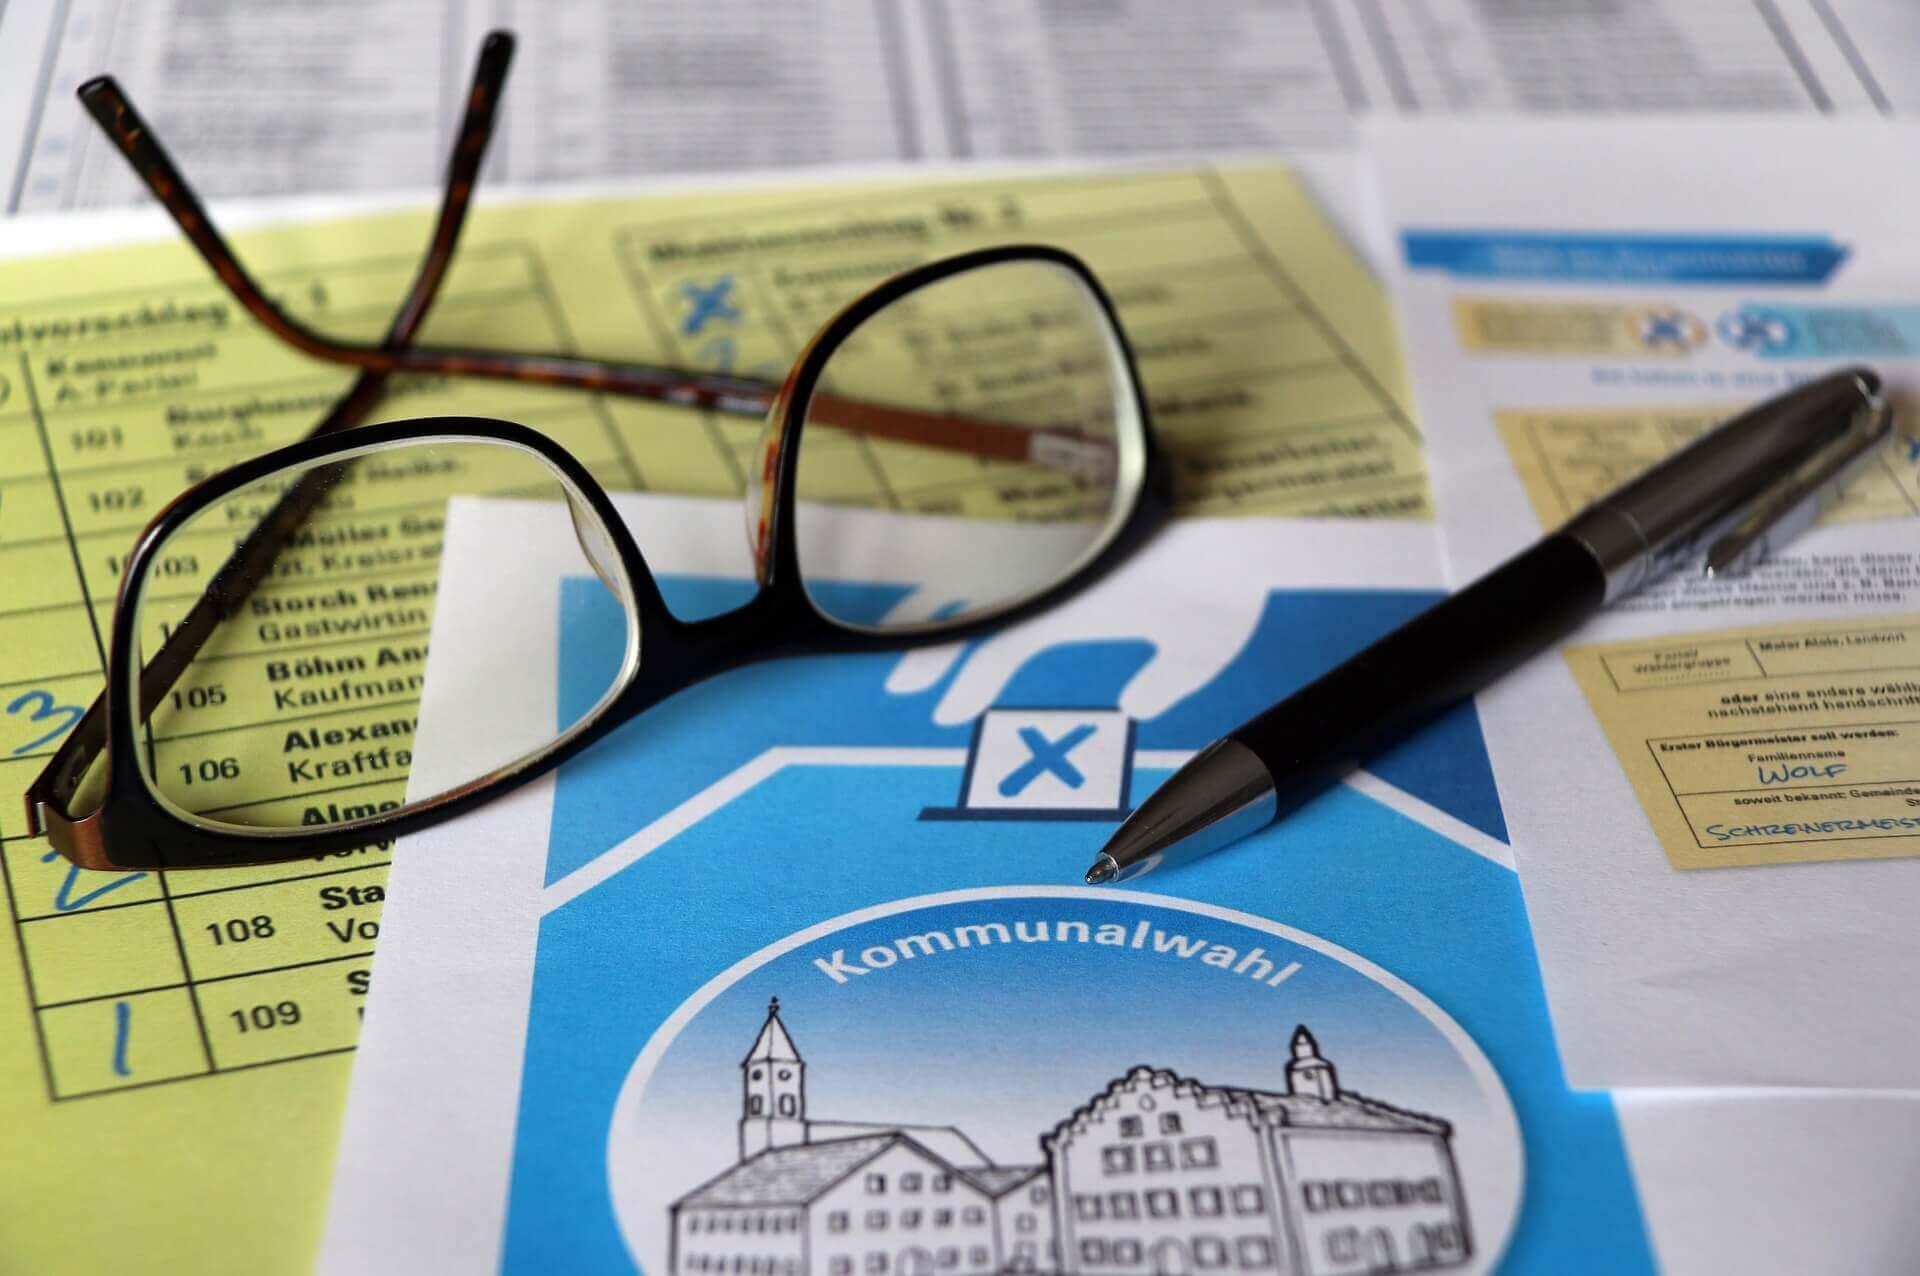 Wahlzettel für Kommunalwahlen